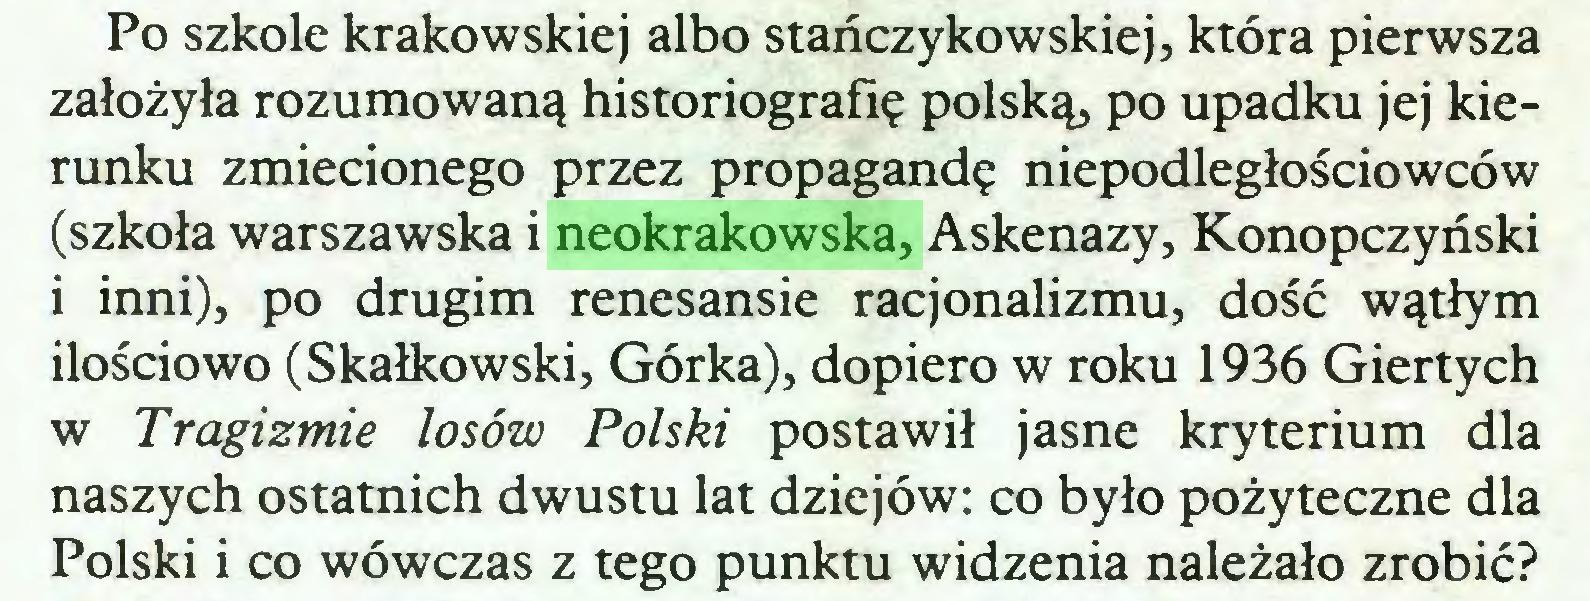 (...) Po szkole krakowskiej albo stańczykowskiej, która pierwsza założyła rozumowaną historiografię polską, po upadku jej kierunku zmiecionego przez propagandę niepodległościowców (szkoła warszawska i neokrakowska, Askenazy, Konopczyński i inni), po drugim renesansie racjonalizmu, dość wątłym ilościowo (Skałkowski, Górka), dopiero w roku 1936 Giertych w Tragizmie losów Polski postawił jasne kryterium dla naszych ostatnich dwustu lat dziejów: co było pożyteczne dla Polski i co wówczas z tego punktu widzenia należało zrobić?...